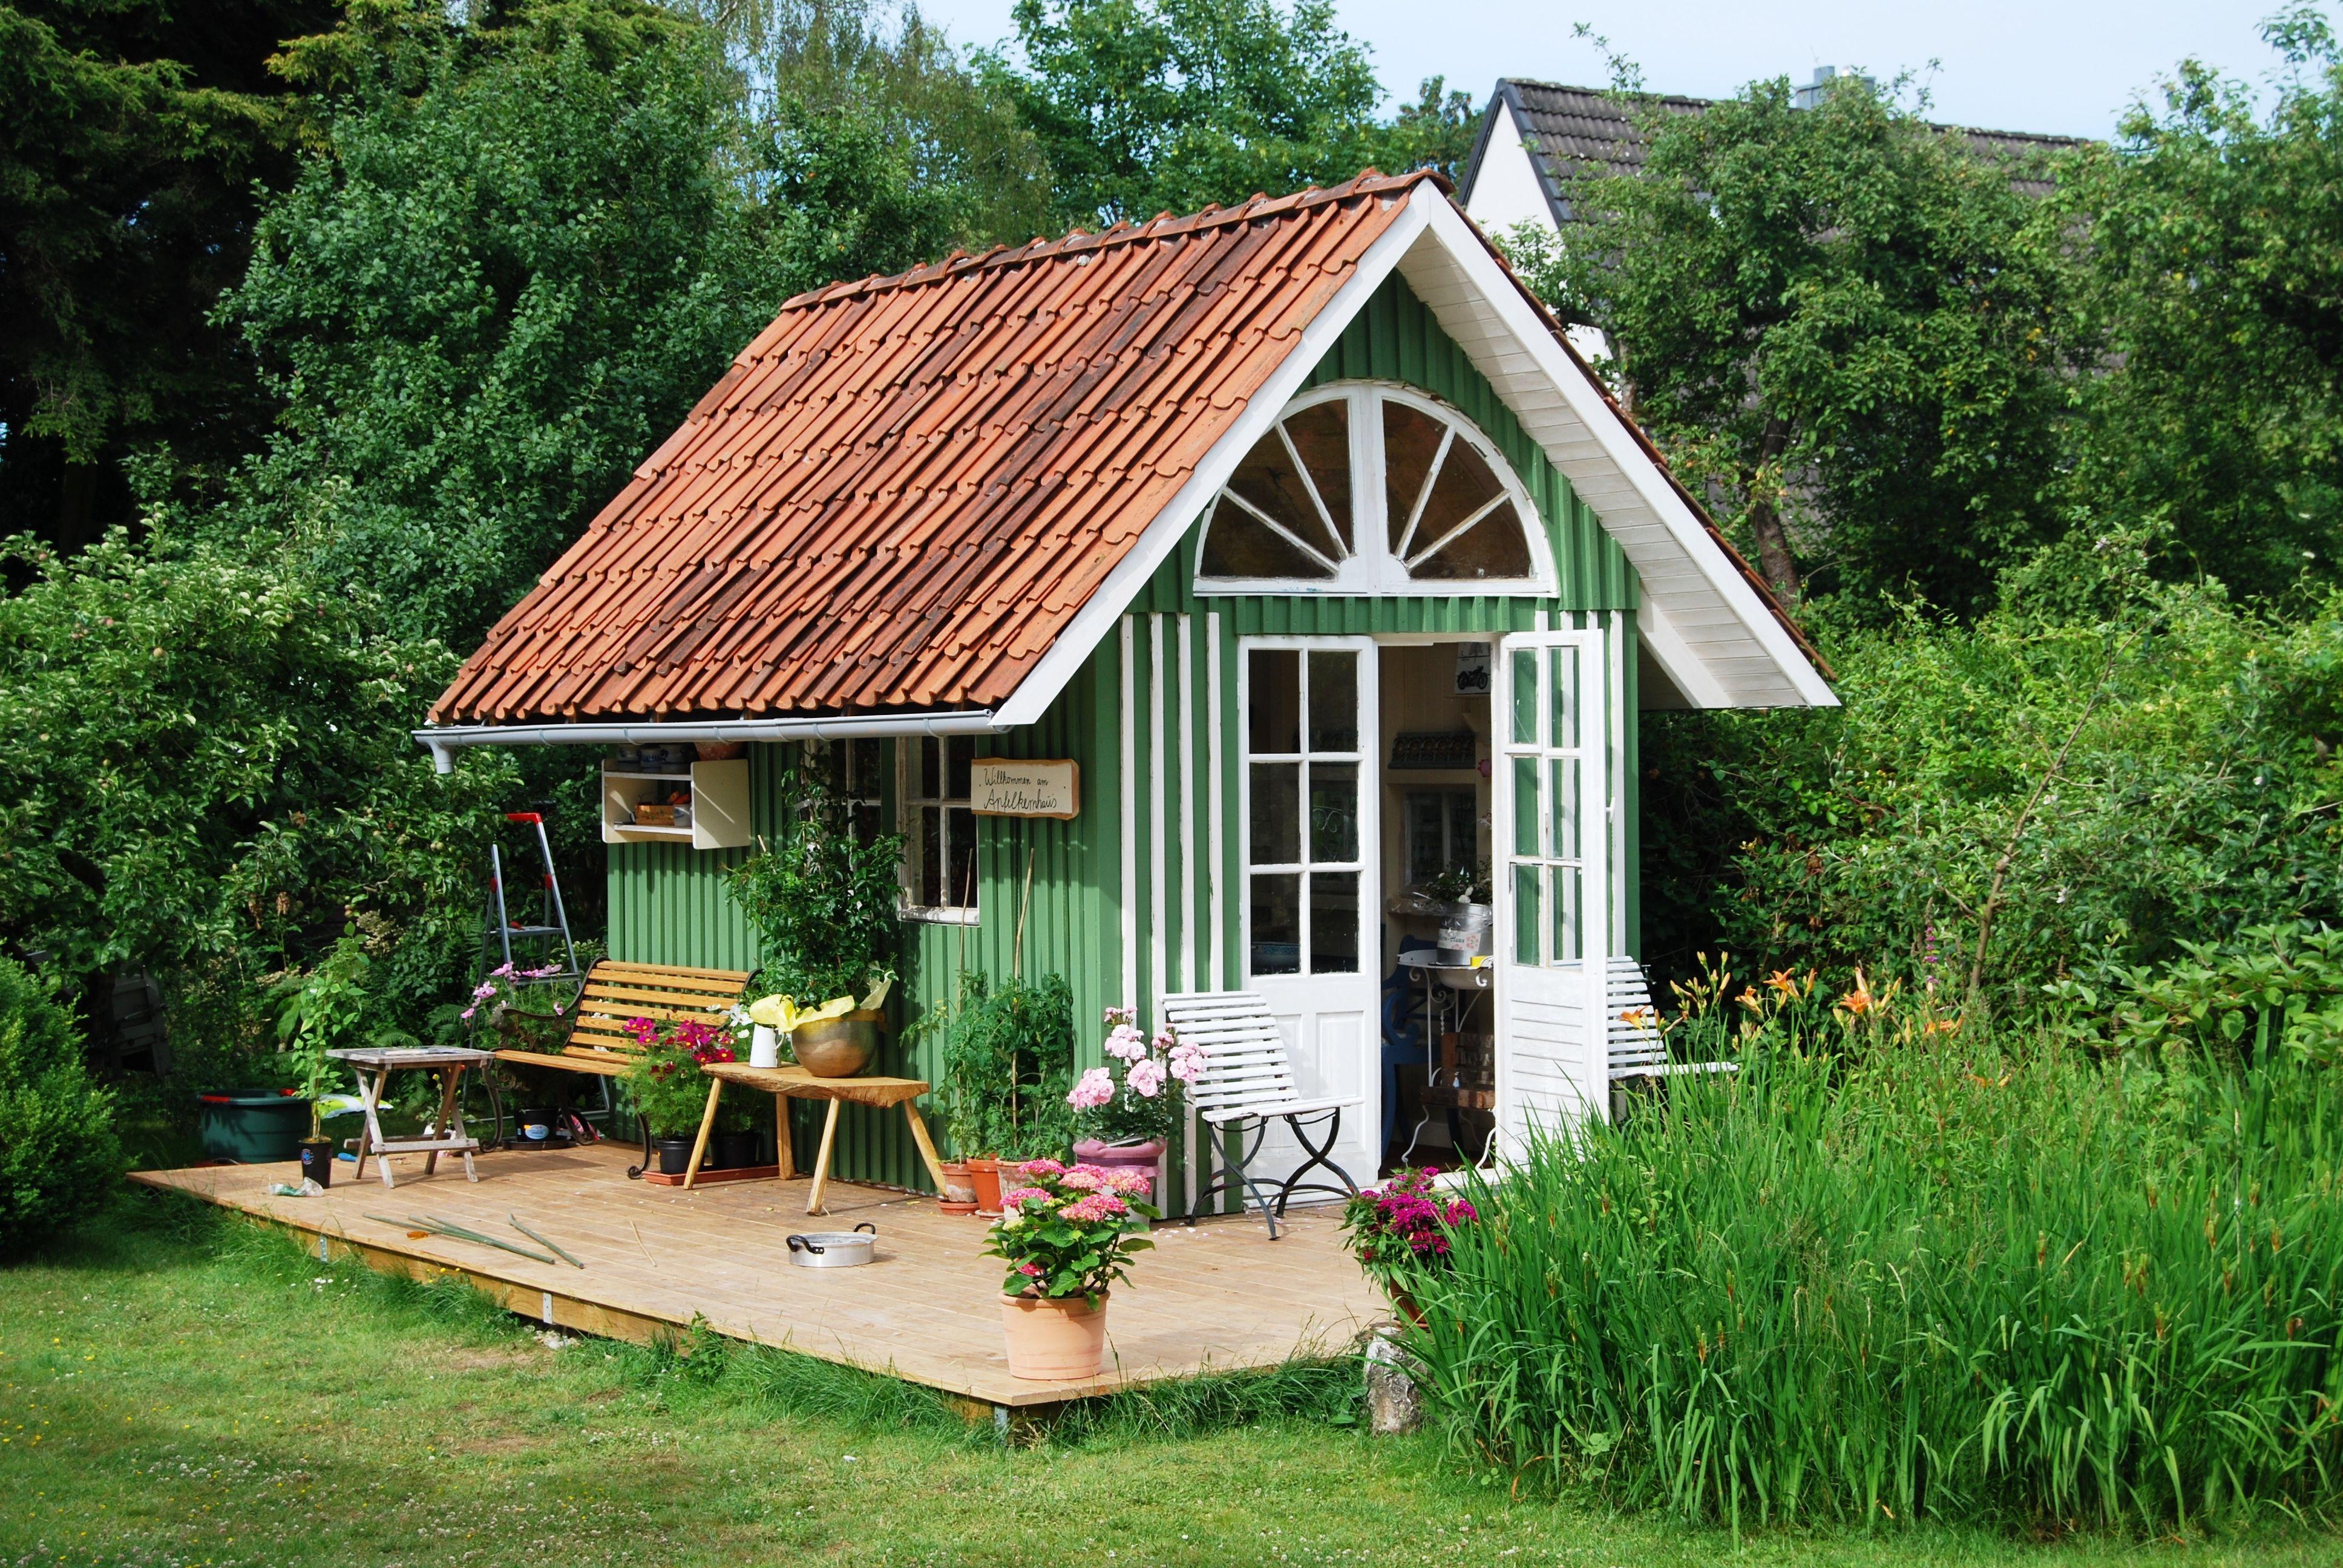 gartenhaus im alten stil apfelkernhaus gartenh user. Black Bedroom Furniture Sets. Home Design Ideas